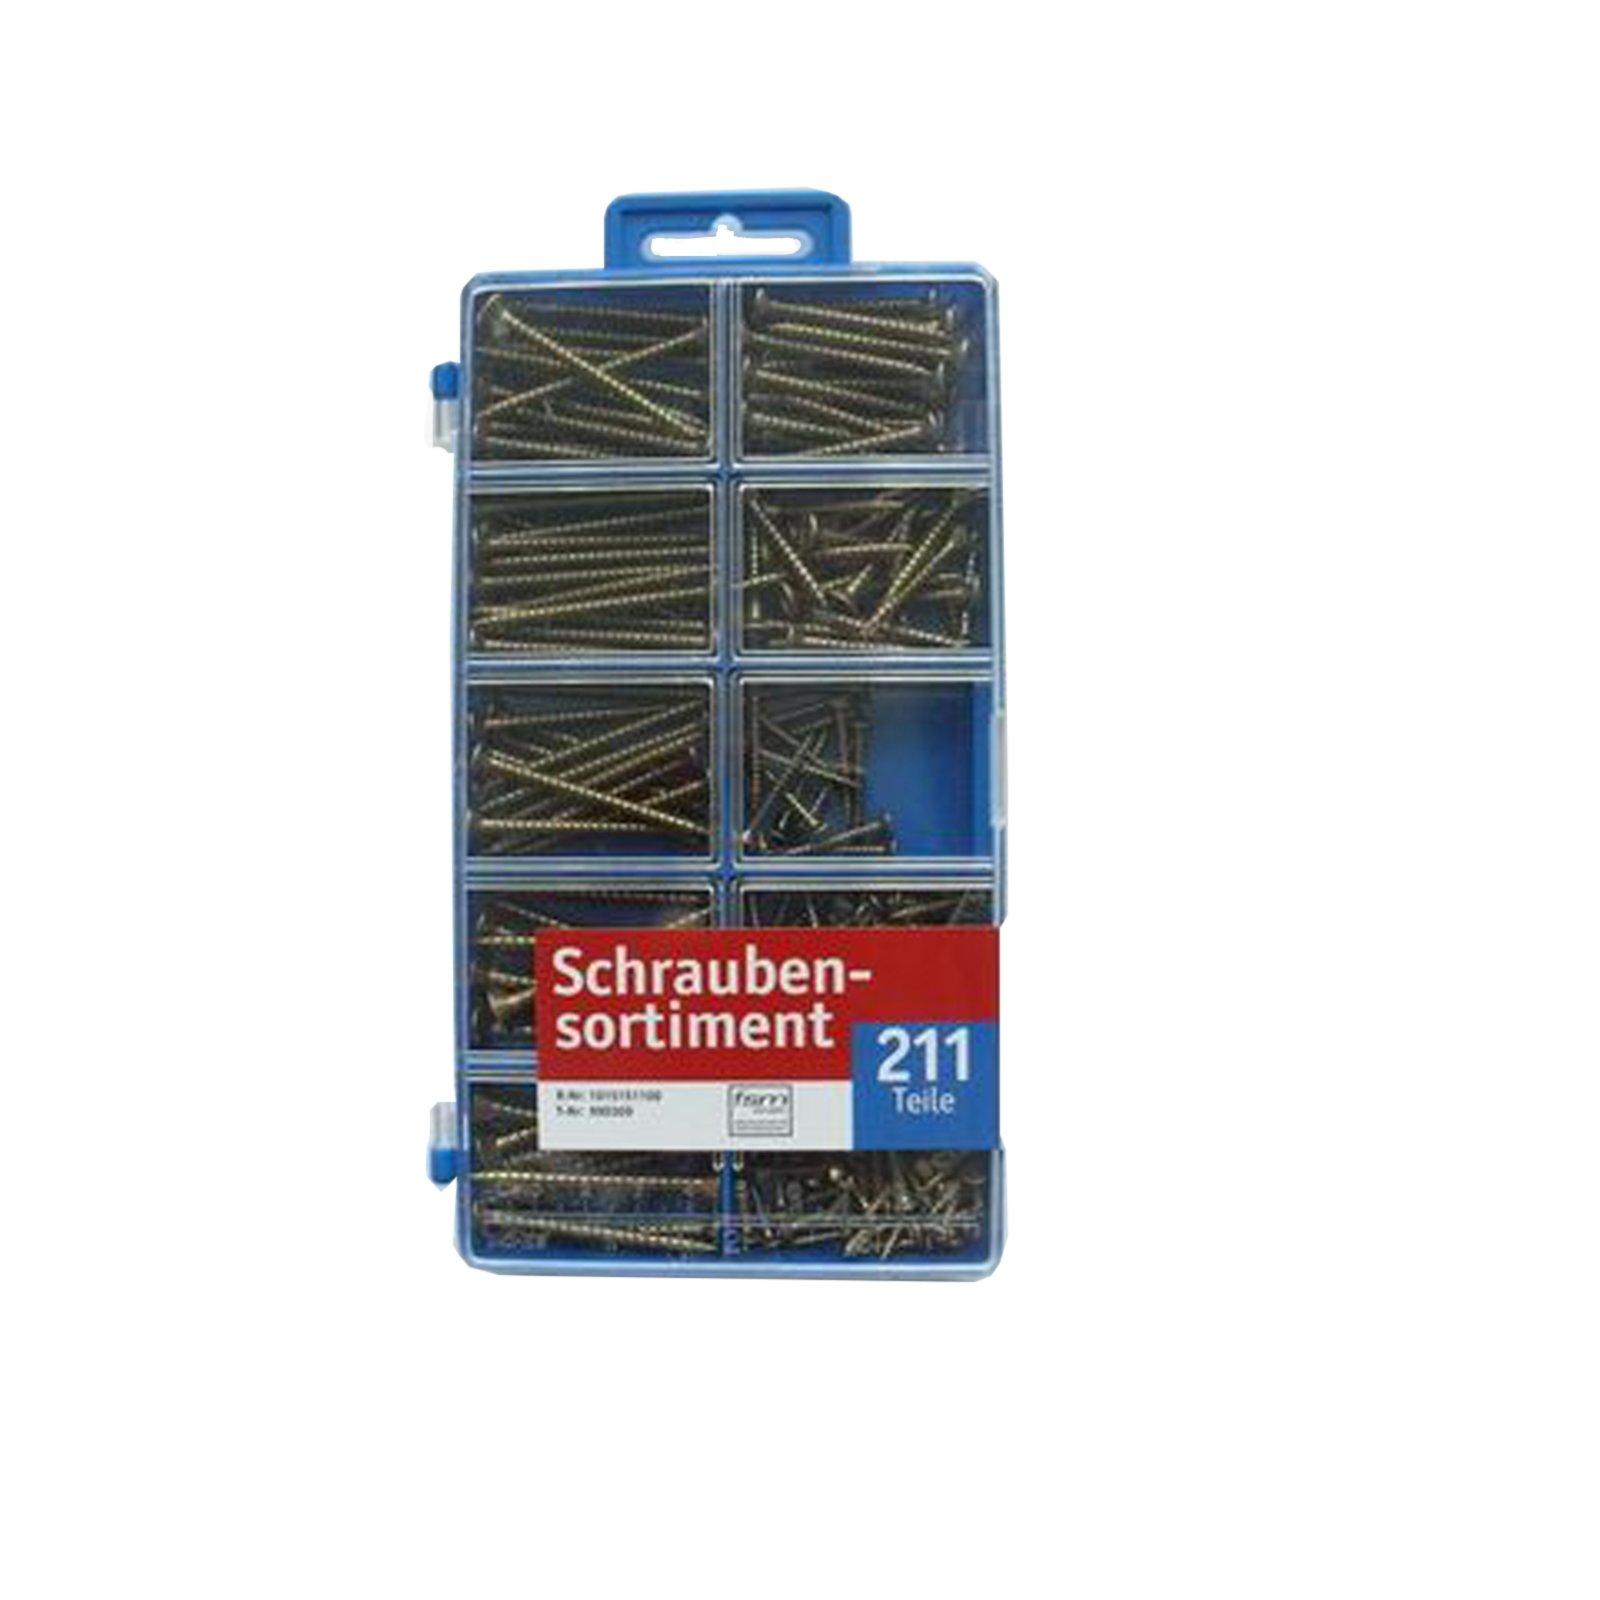 Schraubensortiment - verzinkt - 211 Teile